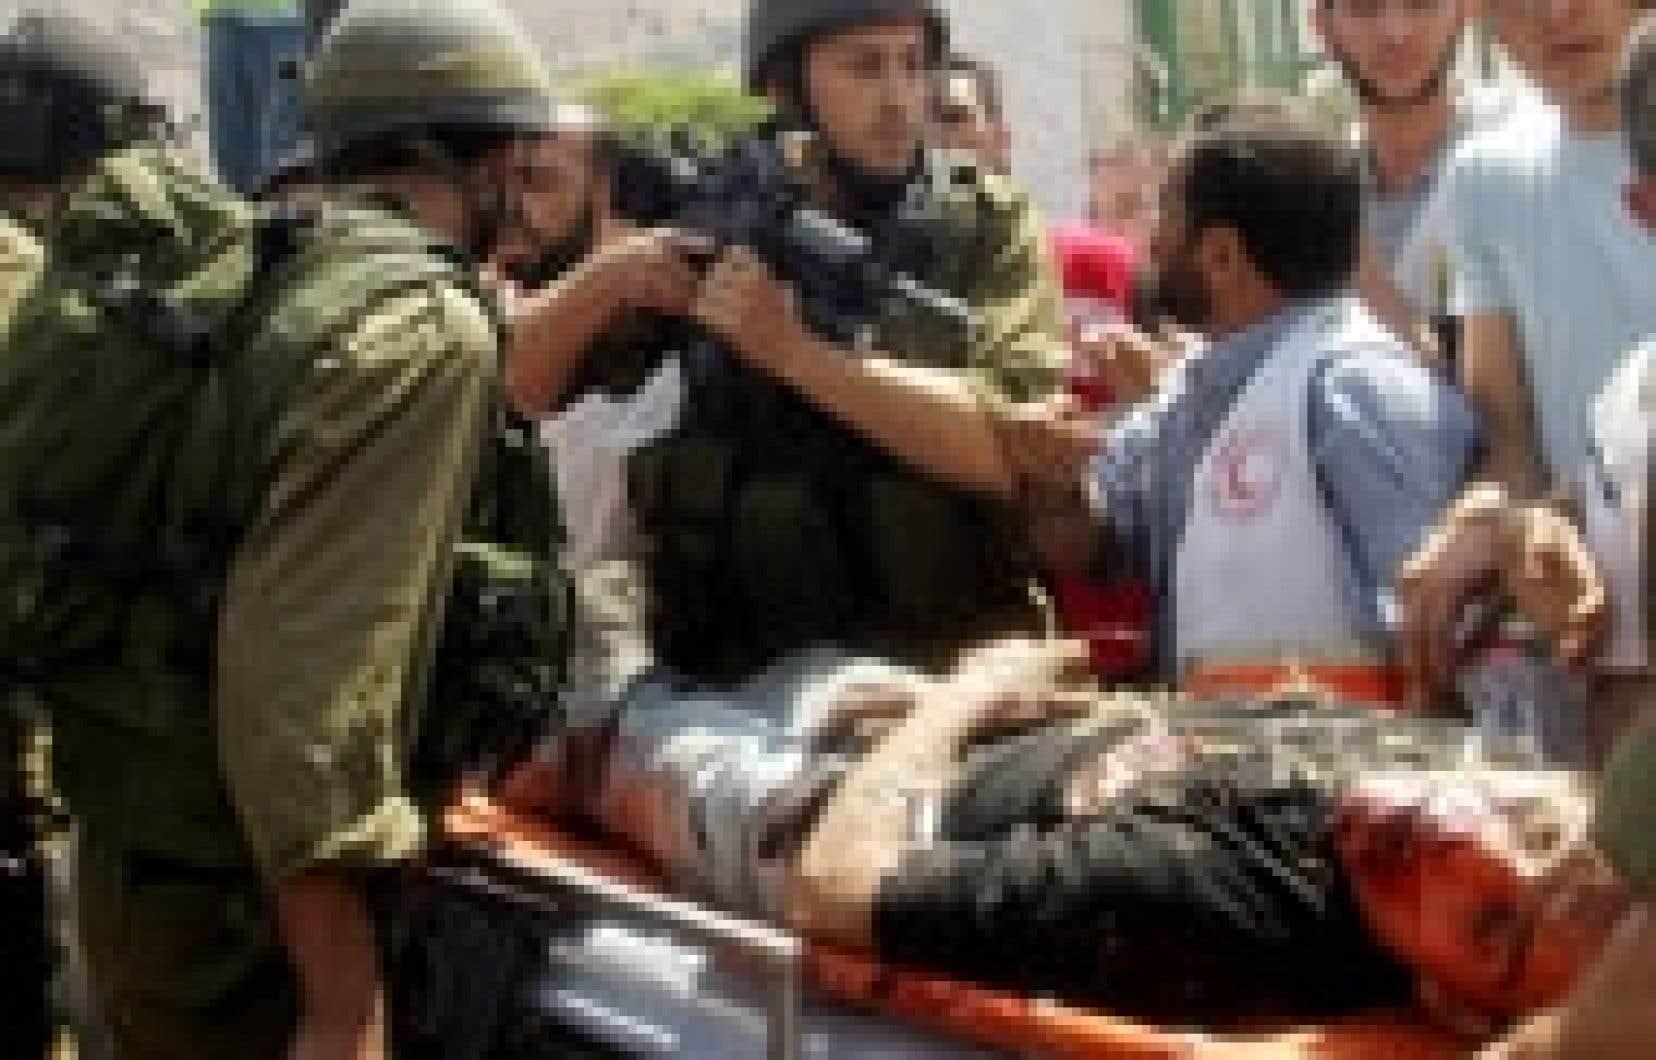 Vive discussion autour du cadavre d'un militant palestinien à Naplouse, en Cisjordanie.